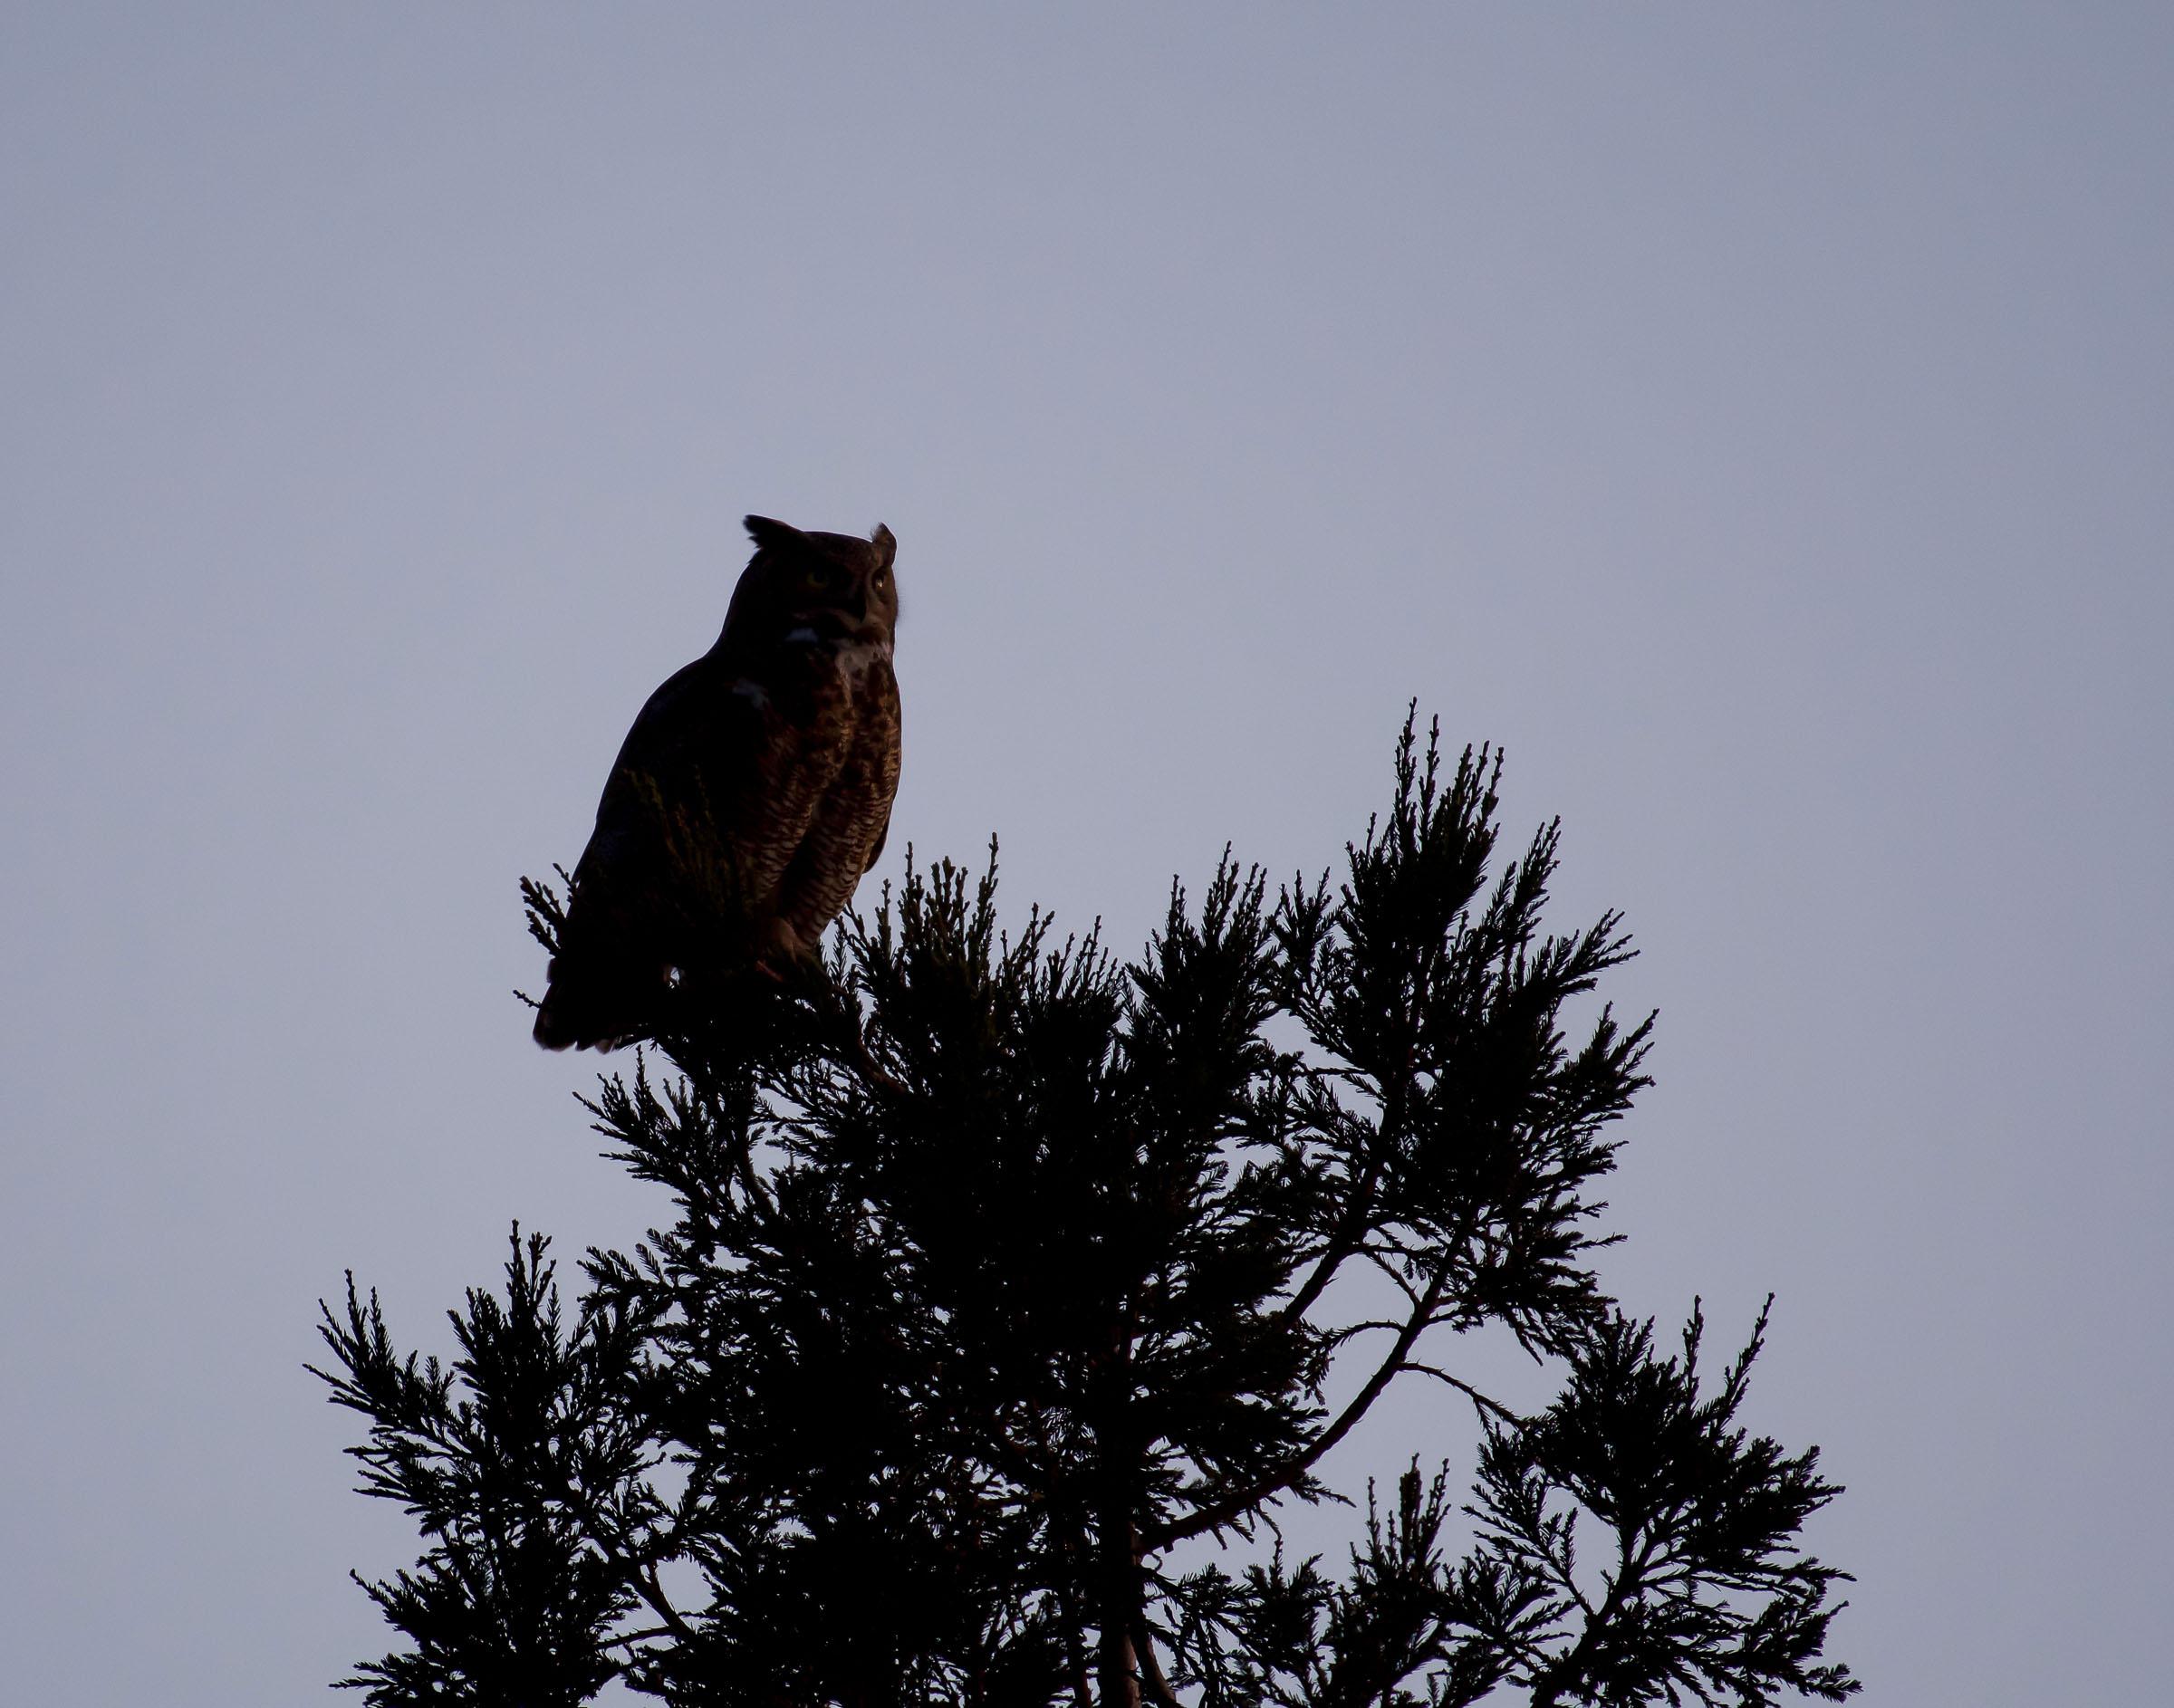 great_horned_owl_book3-1.jpg